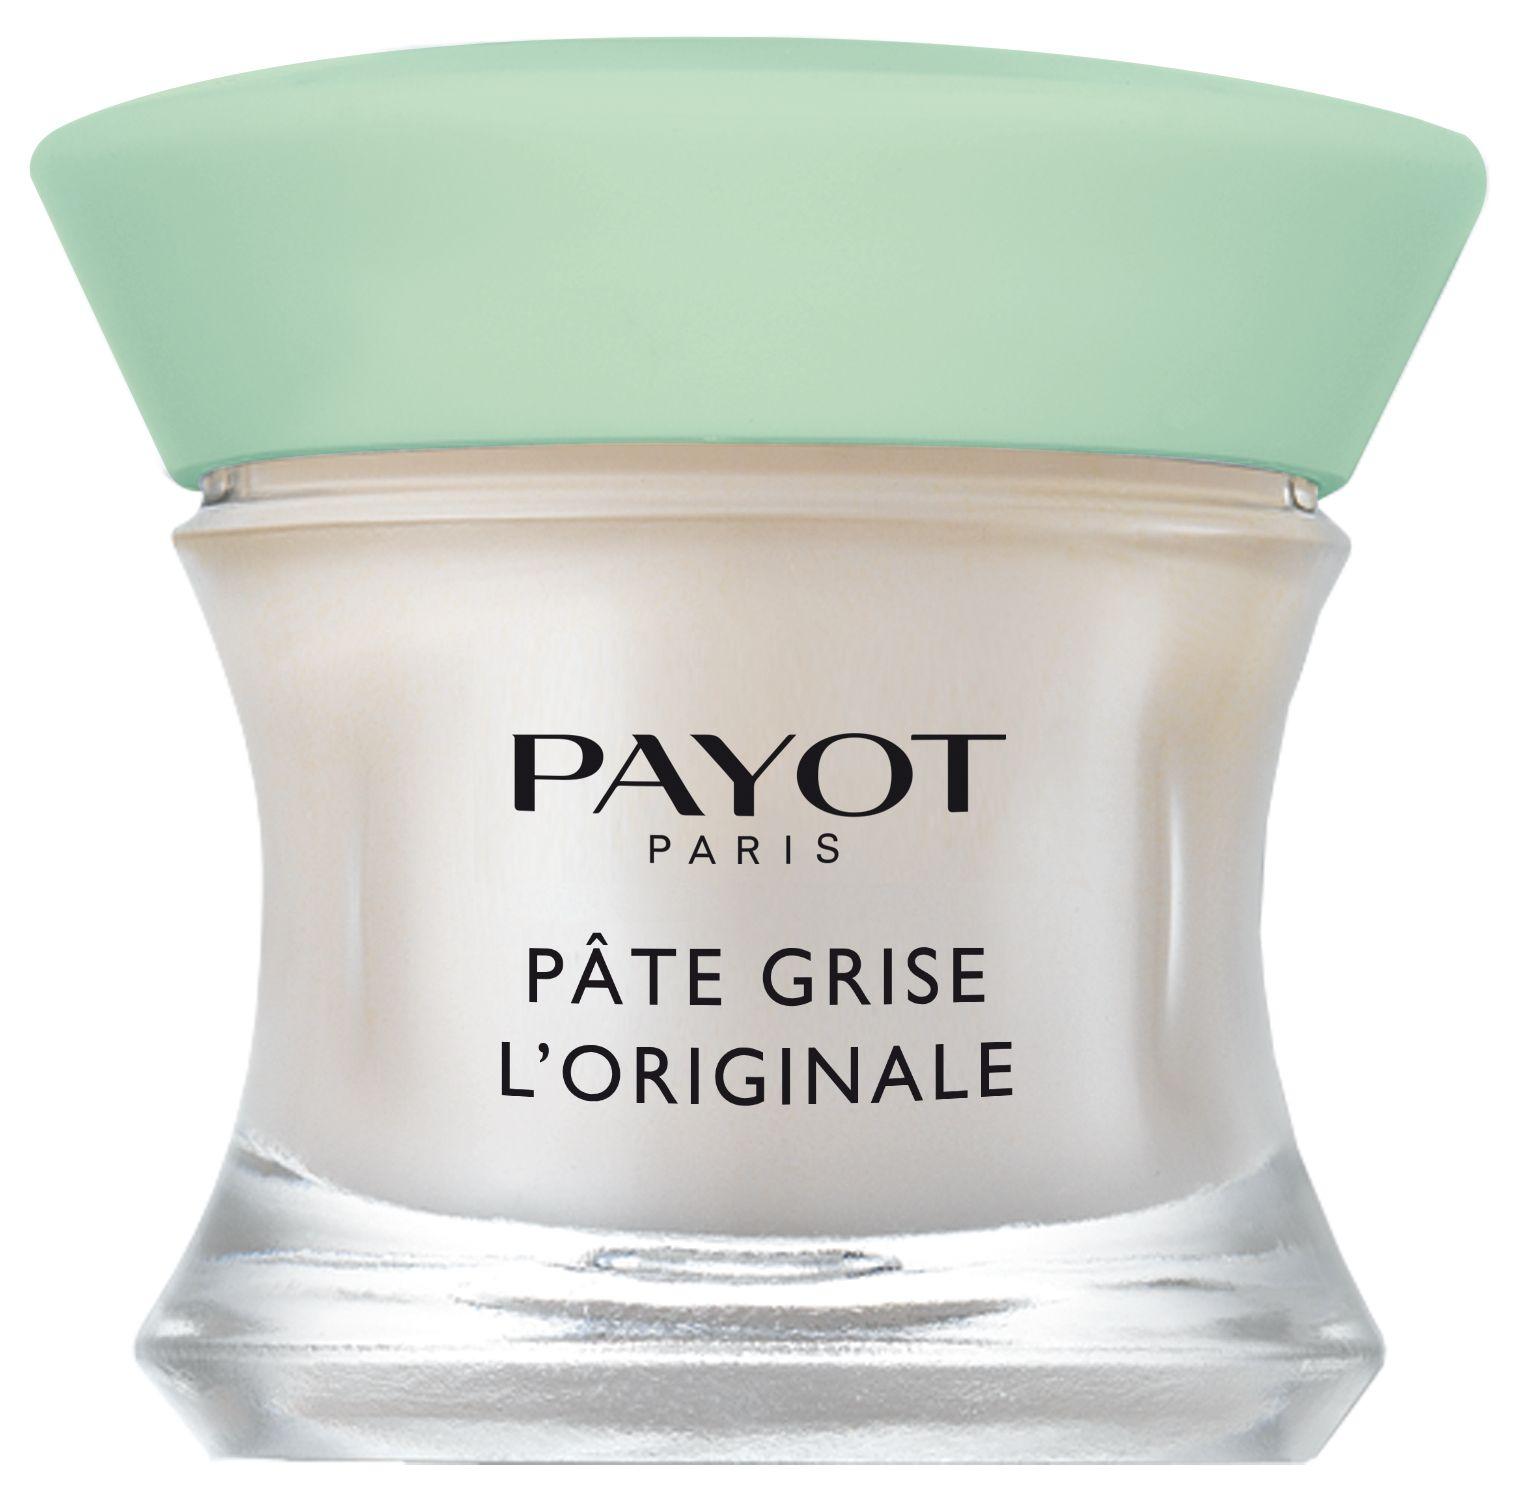 PATE-GRISE-L'ORIGINALE-capot-vert-sans-reflet-chromie-en-cours